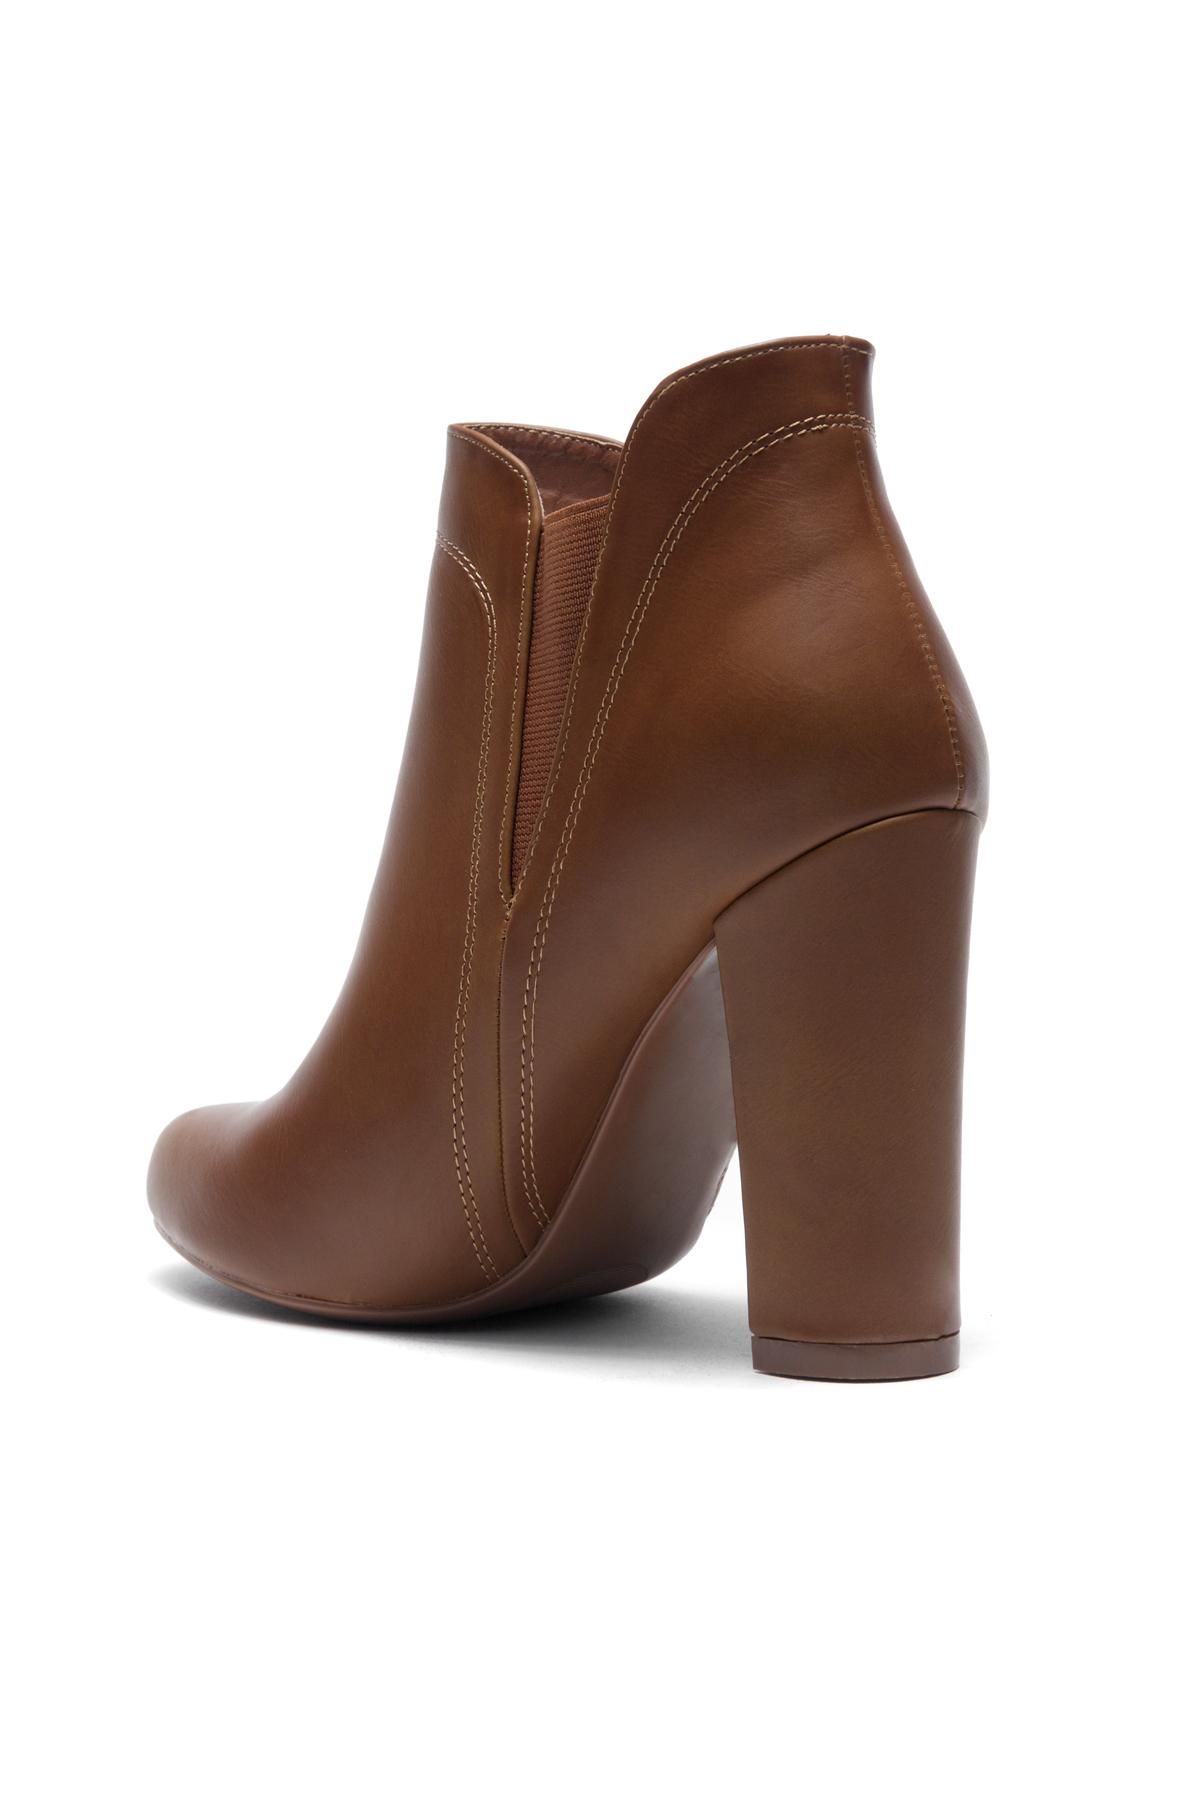 98683d35d7b Women s Cognac Rue Elastic Gores Chunky Heel Booties